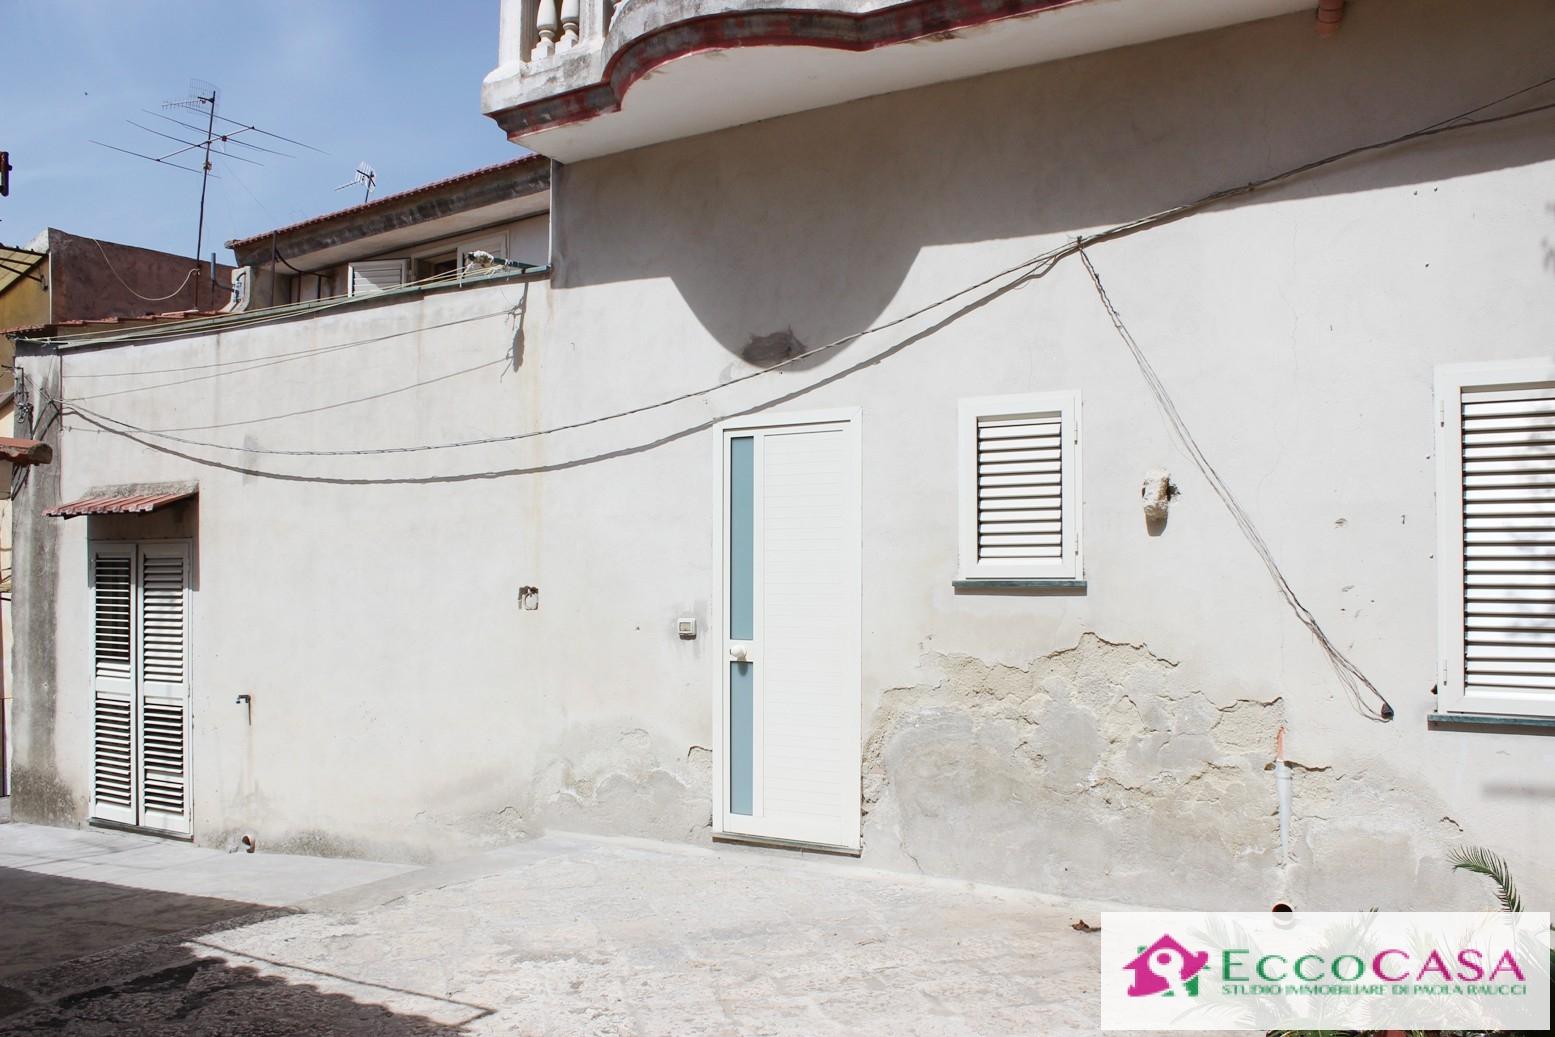 Appartamento in vendita a Maddaloni, 3 locali, prezzo € 48.000 | CambioCasa.it